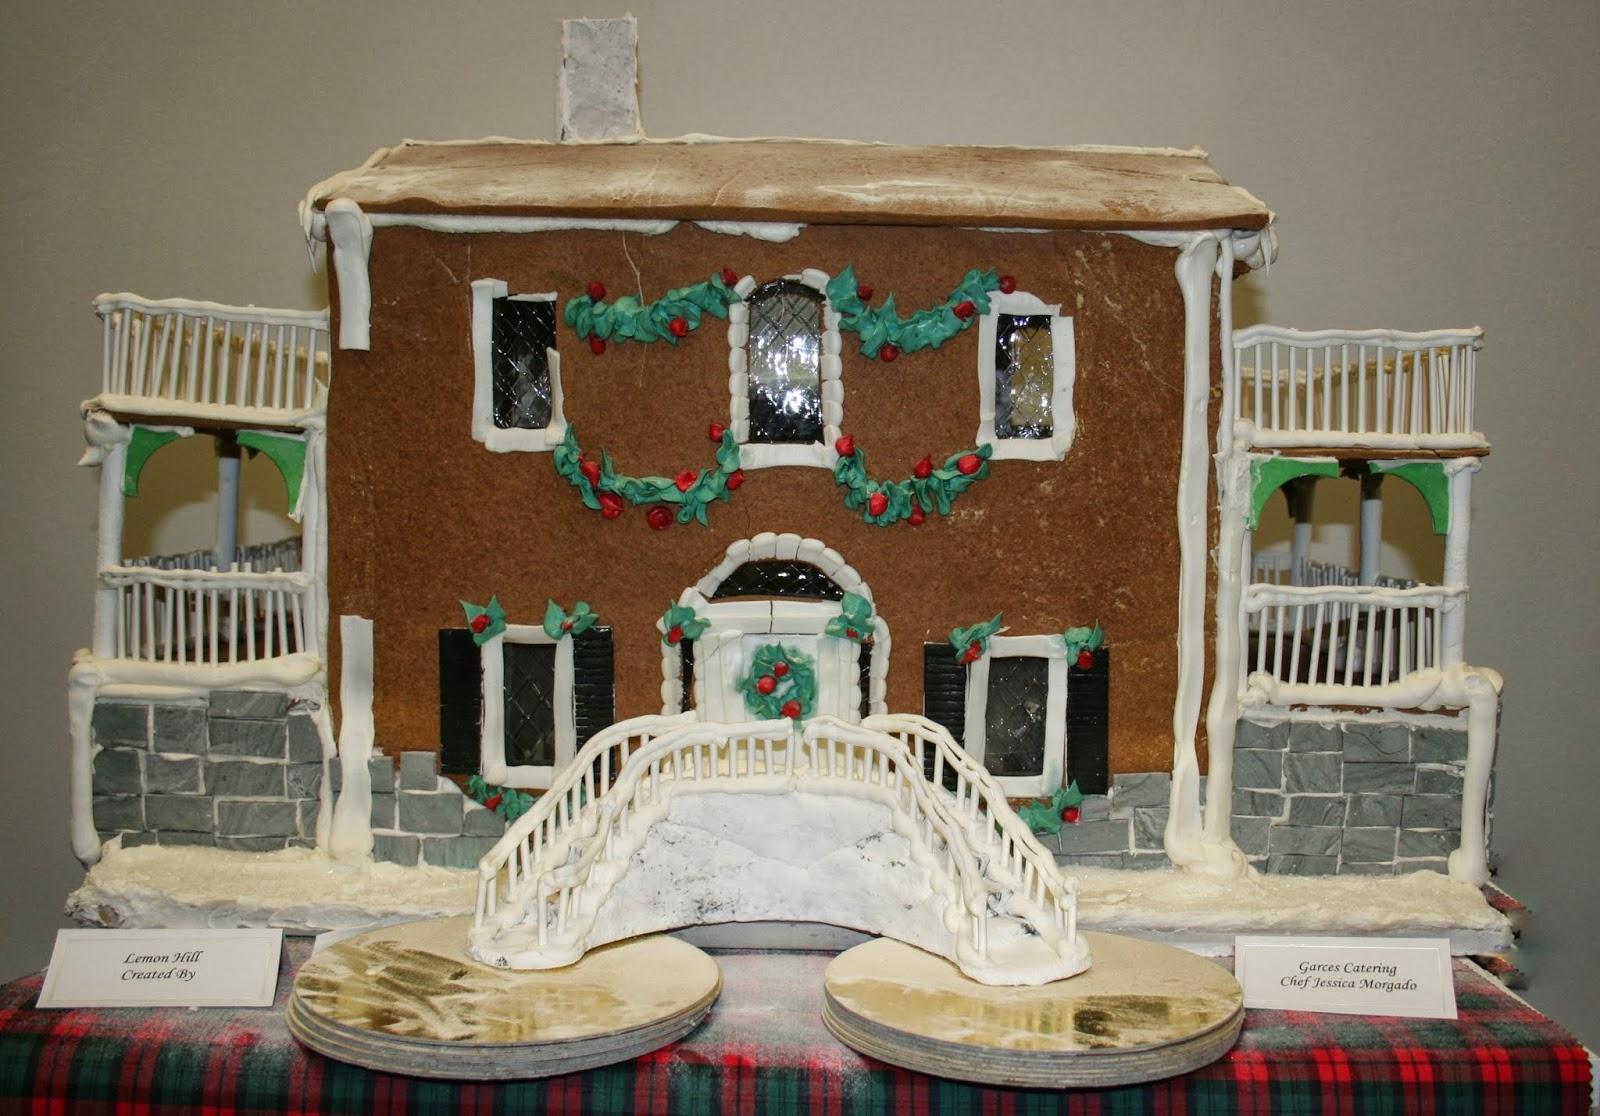 Delco Daily Top Ten Top 10 Fairmount Park Gingerbread Houses